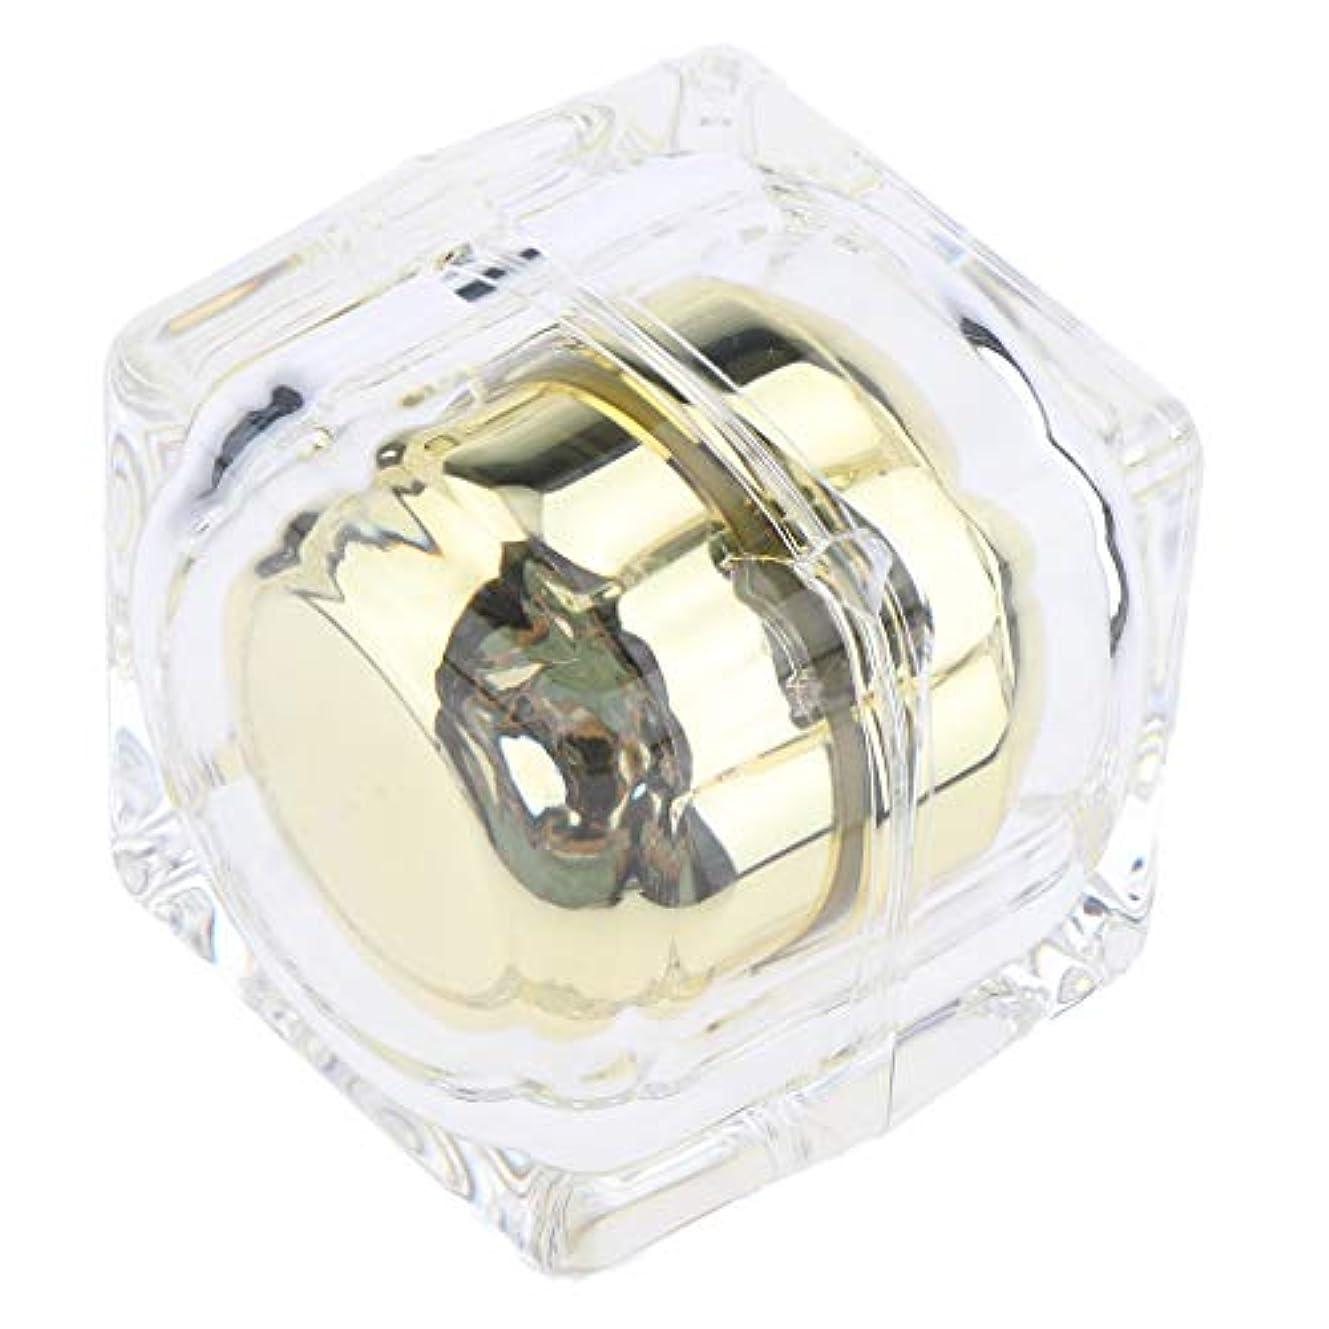 クモバンドタバコリップクリームの化粧品の空の瓶の鍋の表面血清オイル旅行容器30g - ゴールデン